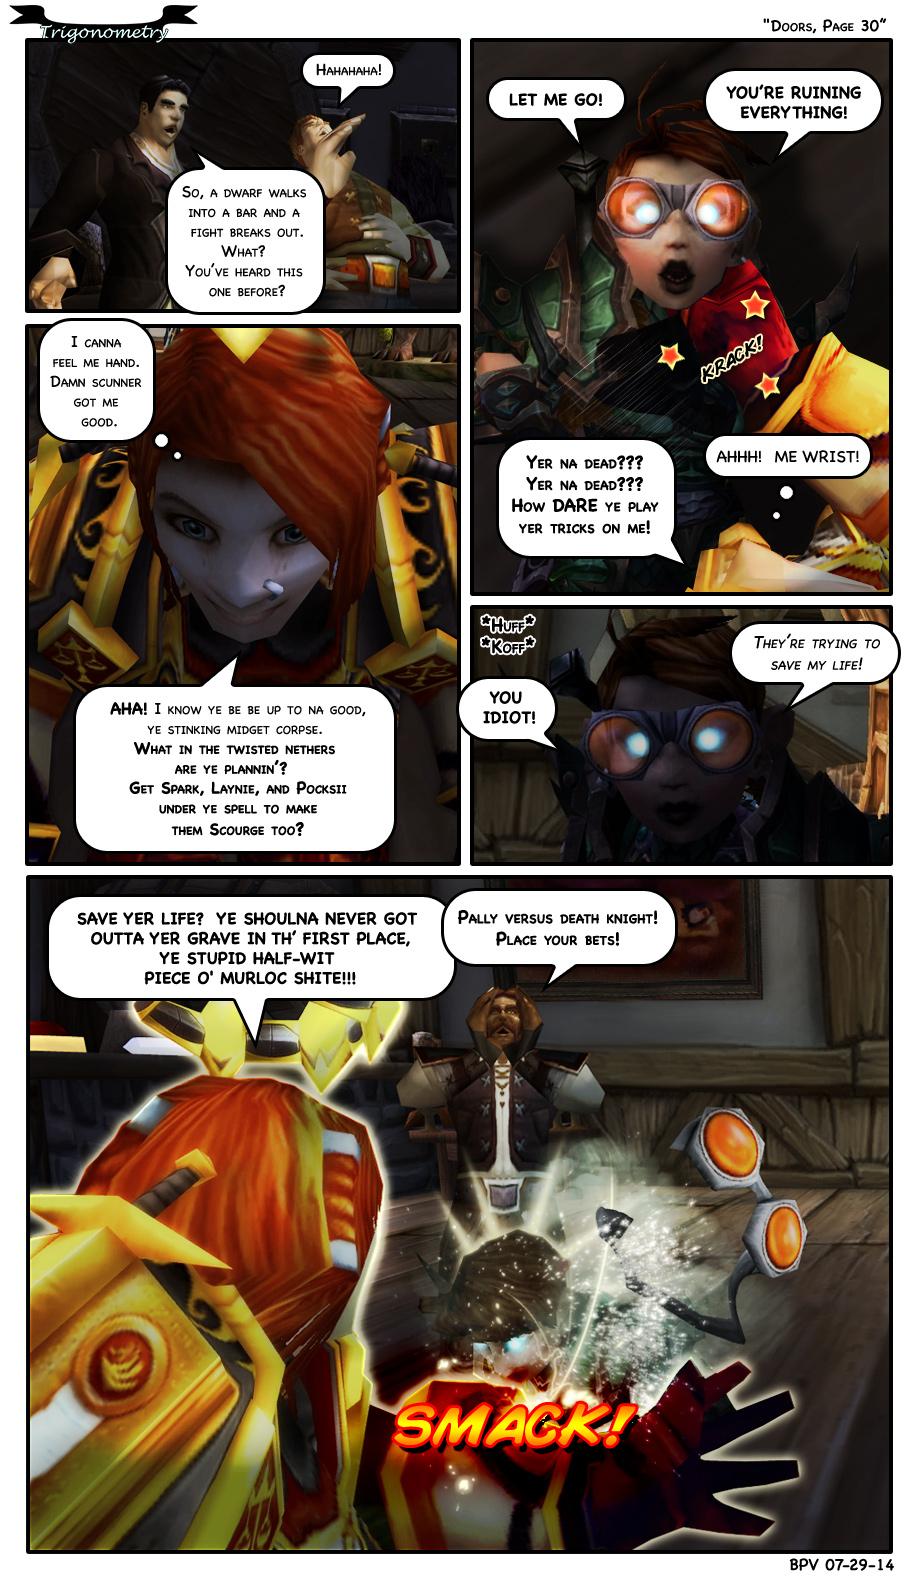 Doors, Page 30